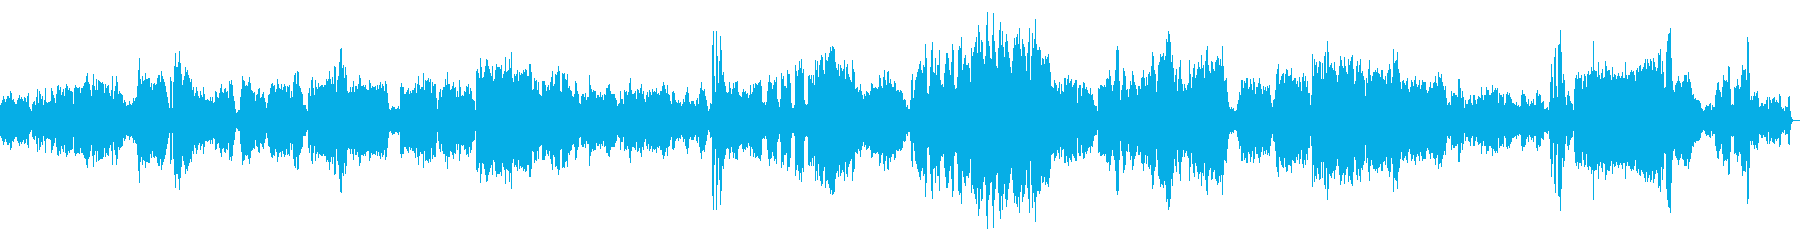 グラズノフ「ピアノソナタ変ロ短調」の再生済みの波形